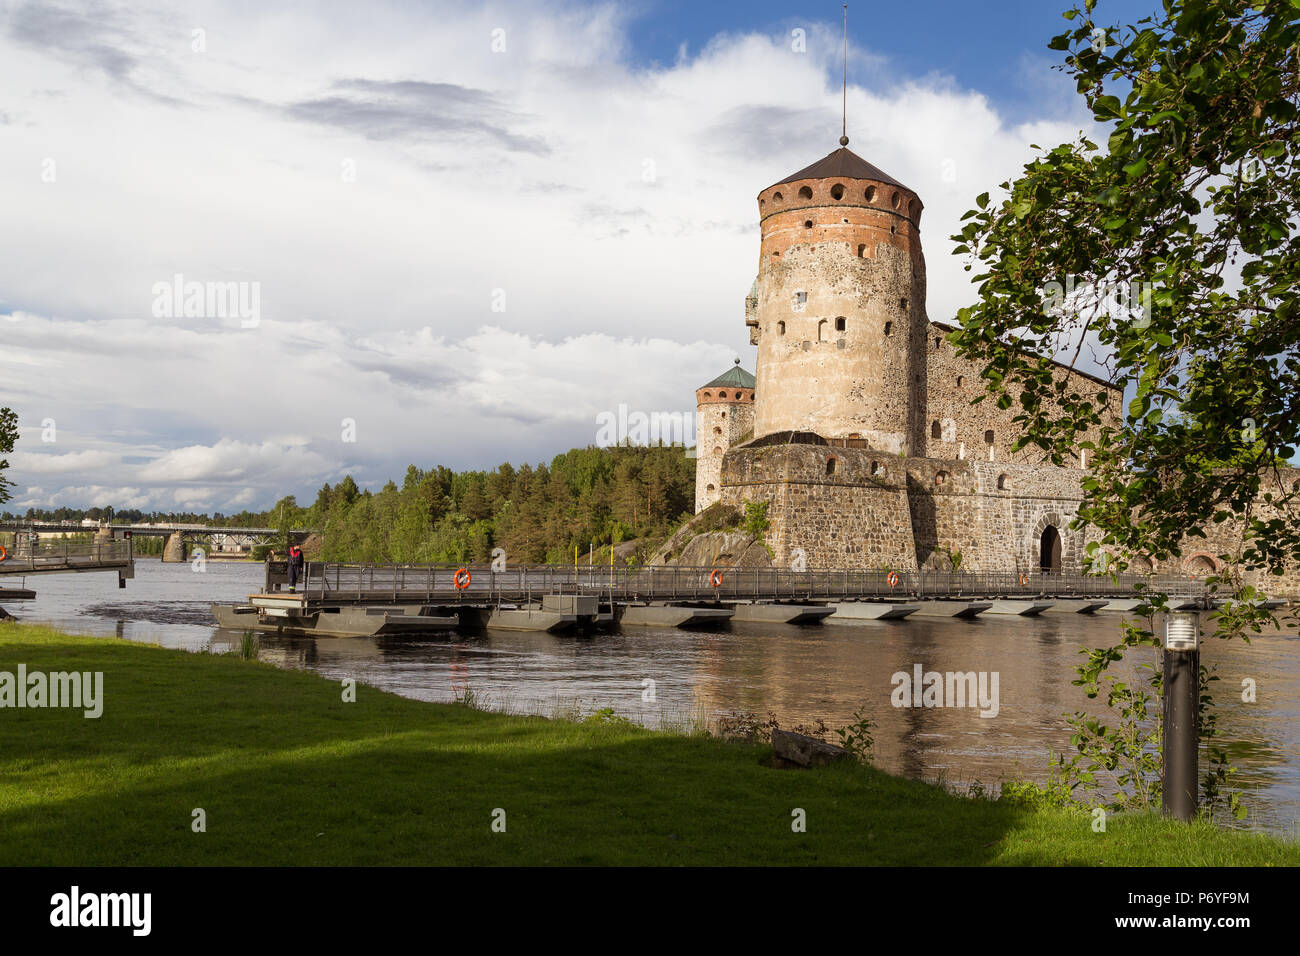 Savon linna Kaste und bewegliche Brücke auf sommerlichen Tag Stockfoto